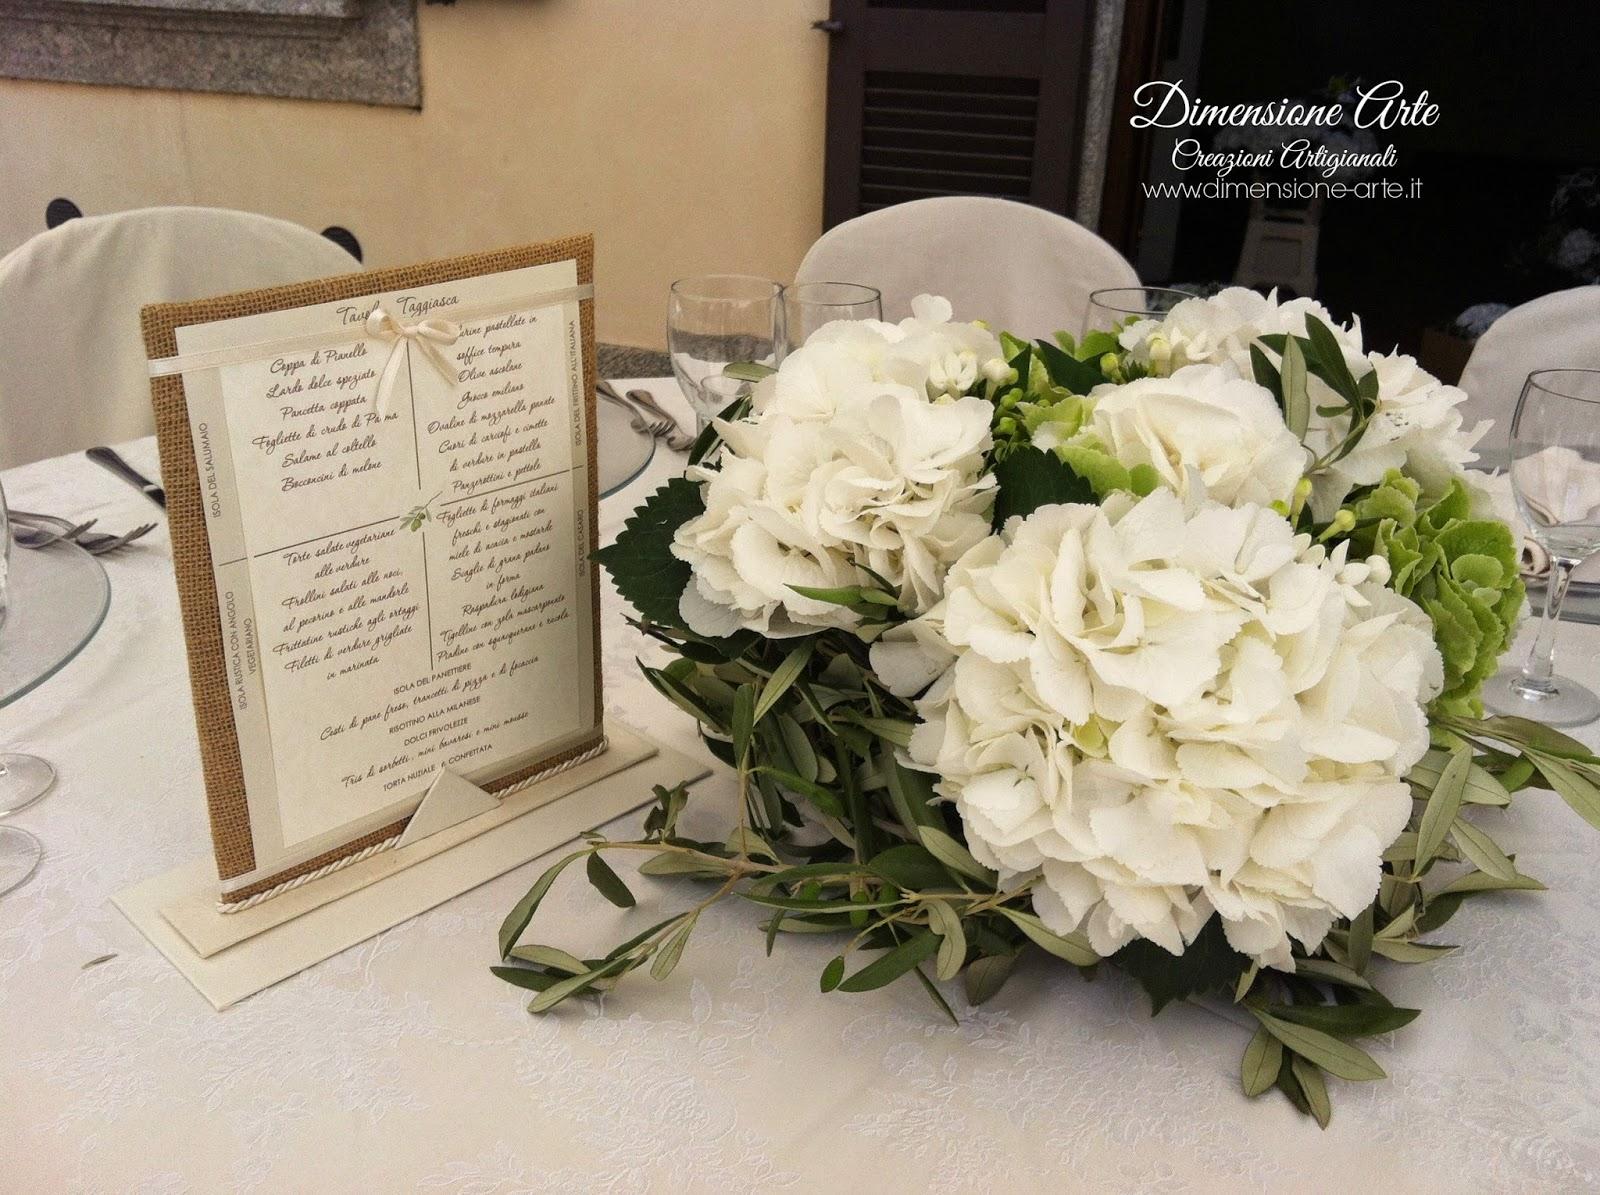 Allestimenti Matrimonio Rustico : Dimensione arte creazioni artigianali matrimonio